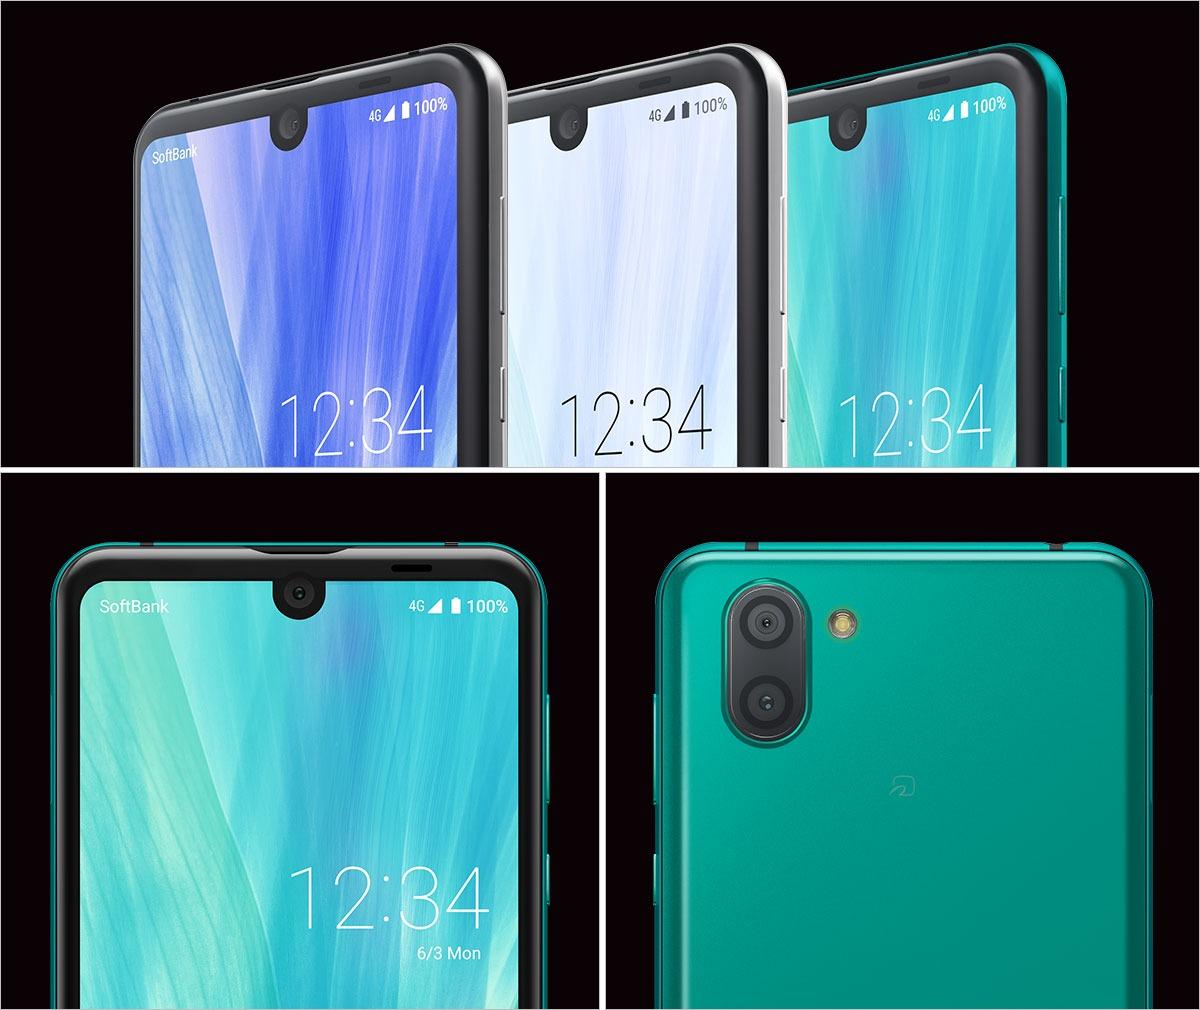 Doble notch en un smartphone: Sharp Aquos R3